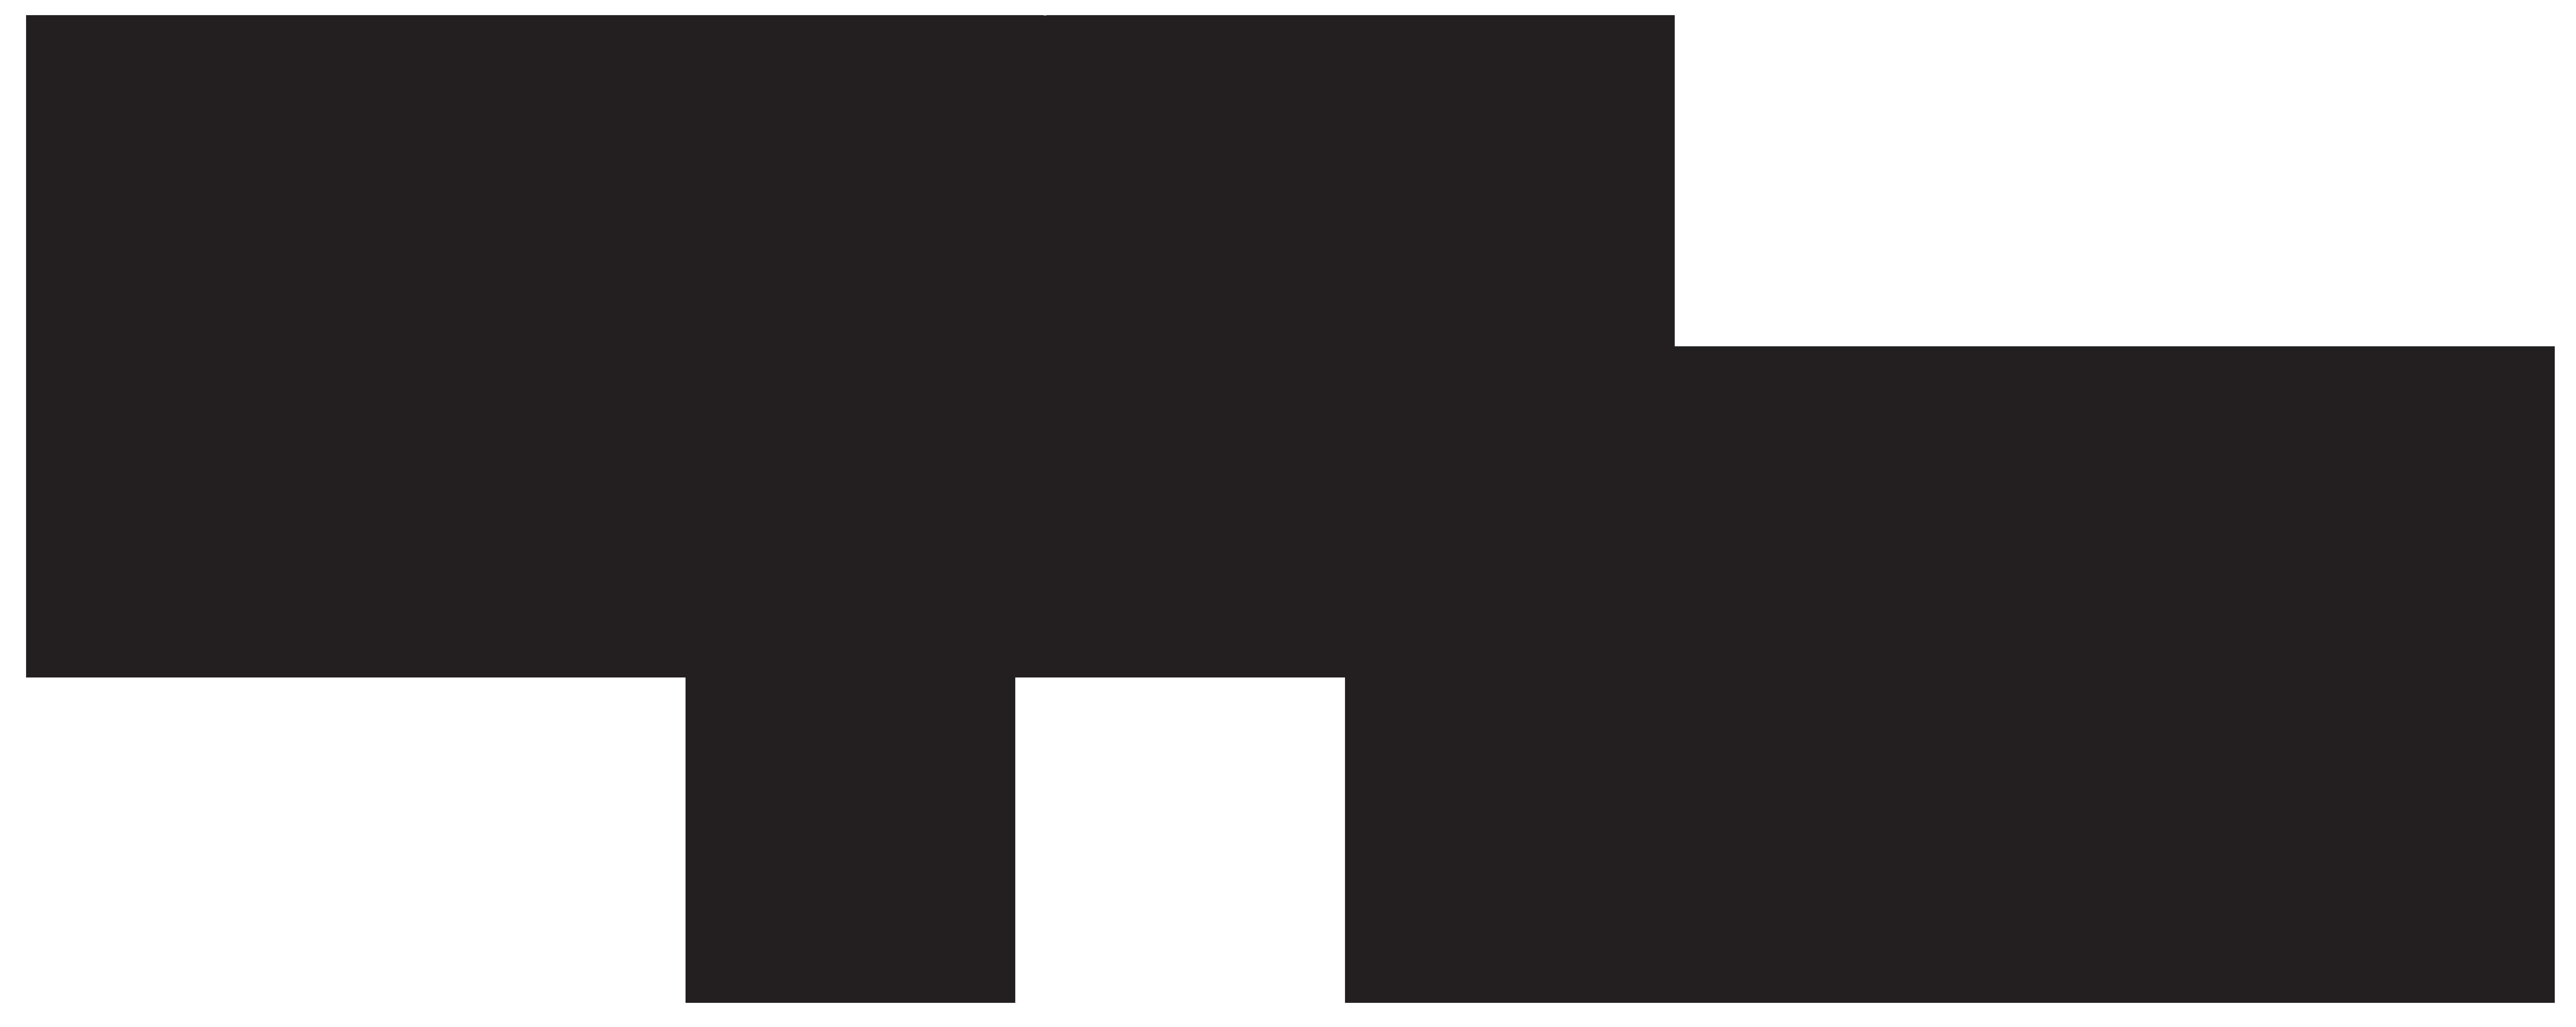 8000x3188 Hammerhead Shark Silhouette Png Clip Art Imageu200b Gallery